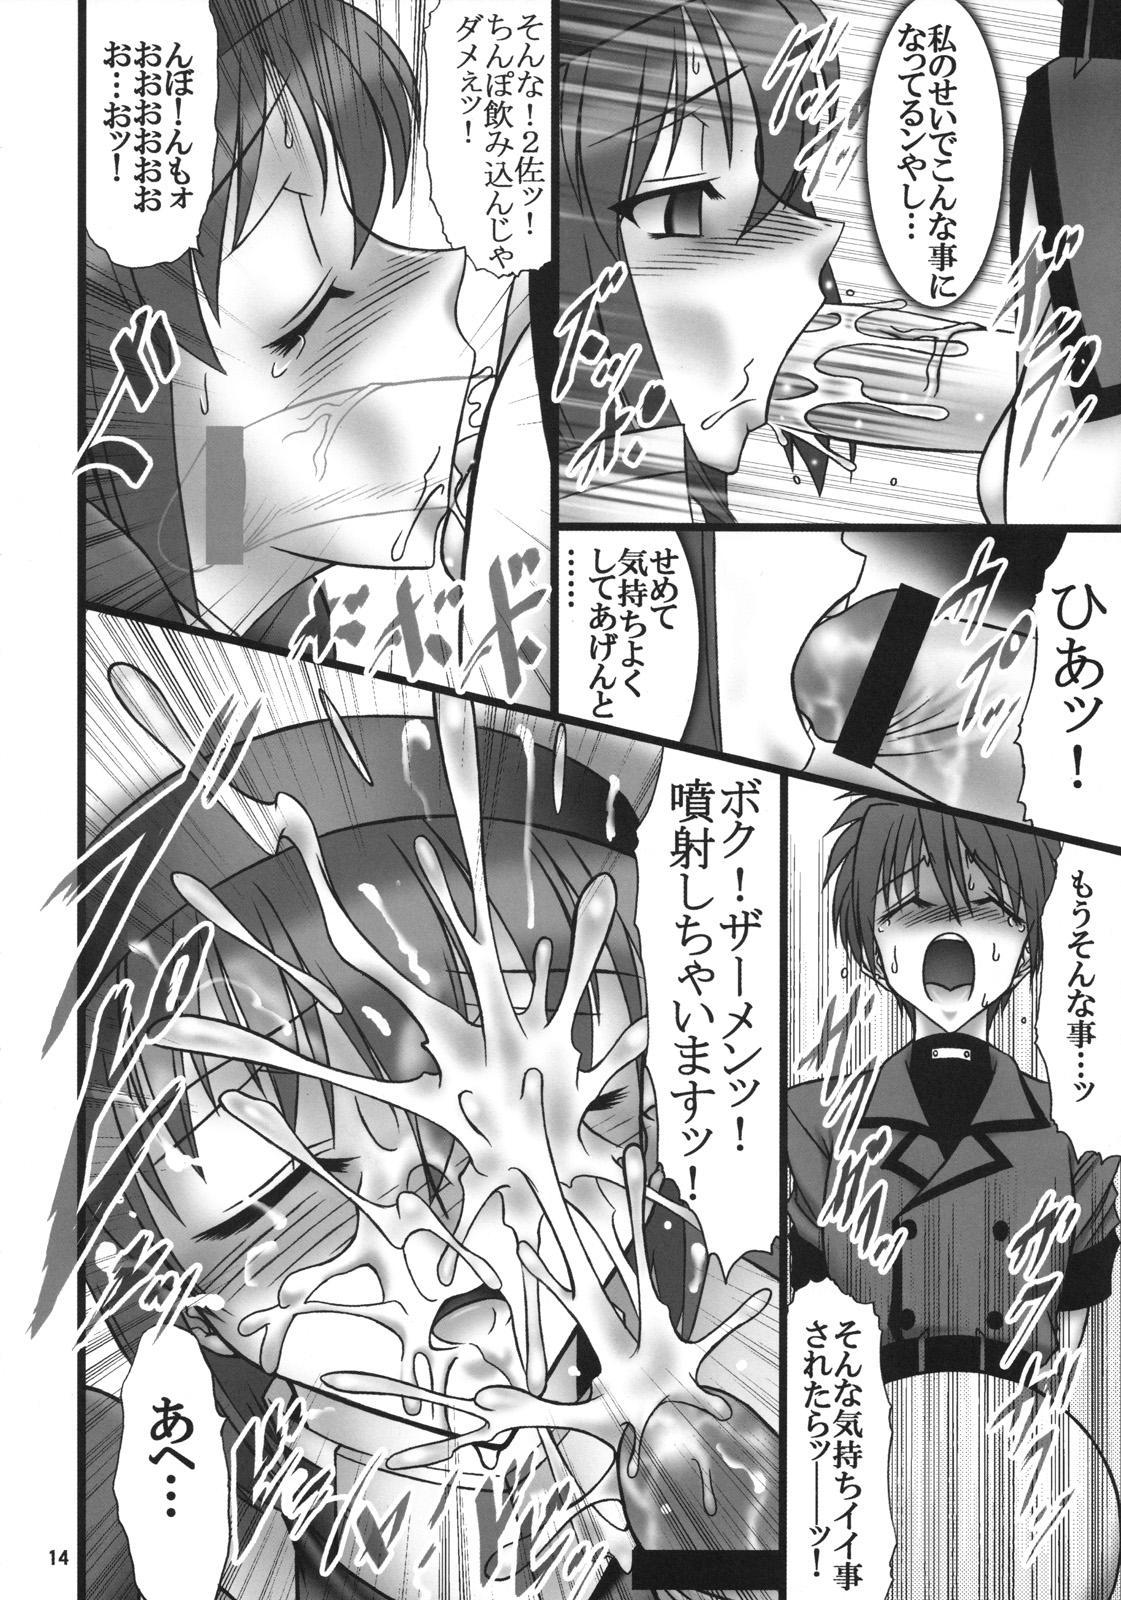 Angel's stroke 10 Ano Kuroi Hayate wo Ute! 14